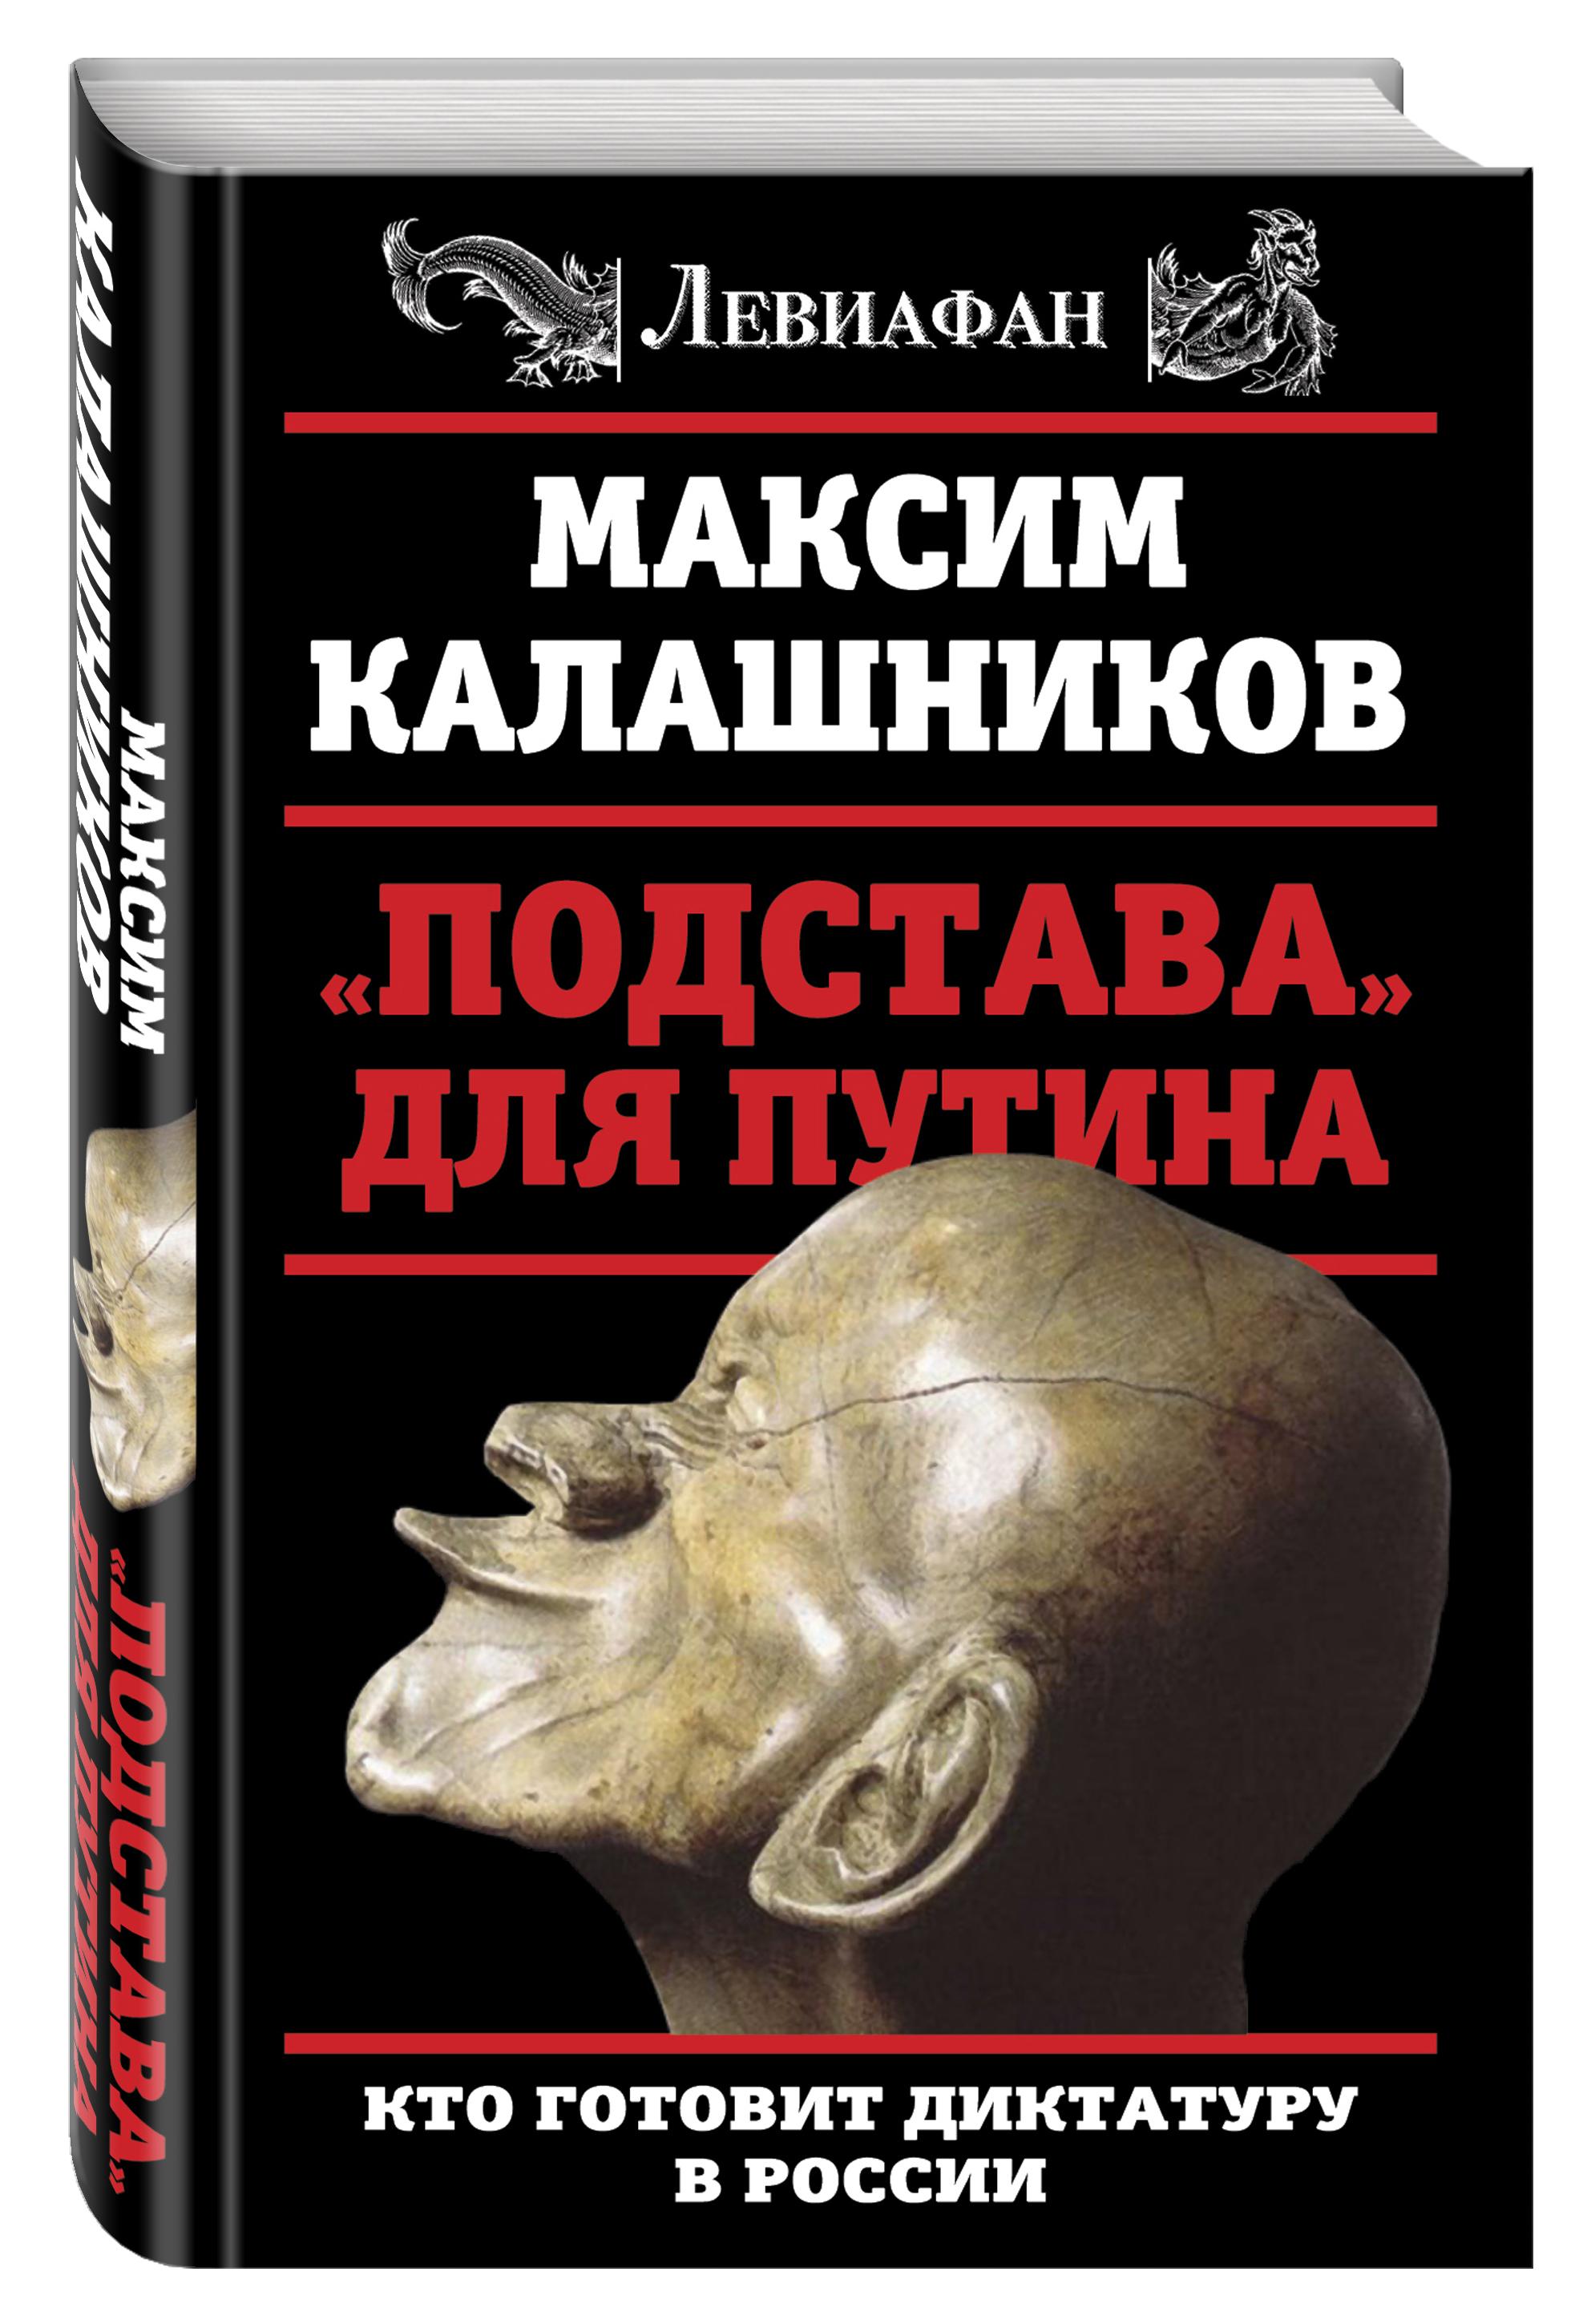 Максим Калашников «Подстава» для Путина. Кто готовит диктатуру в России